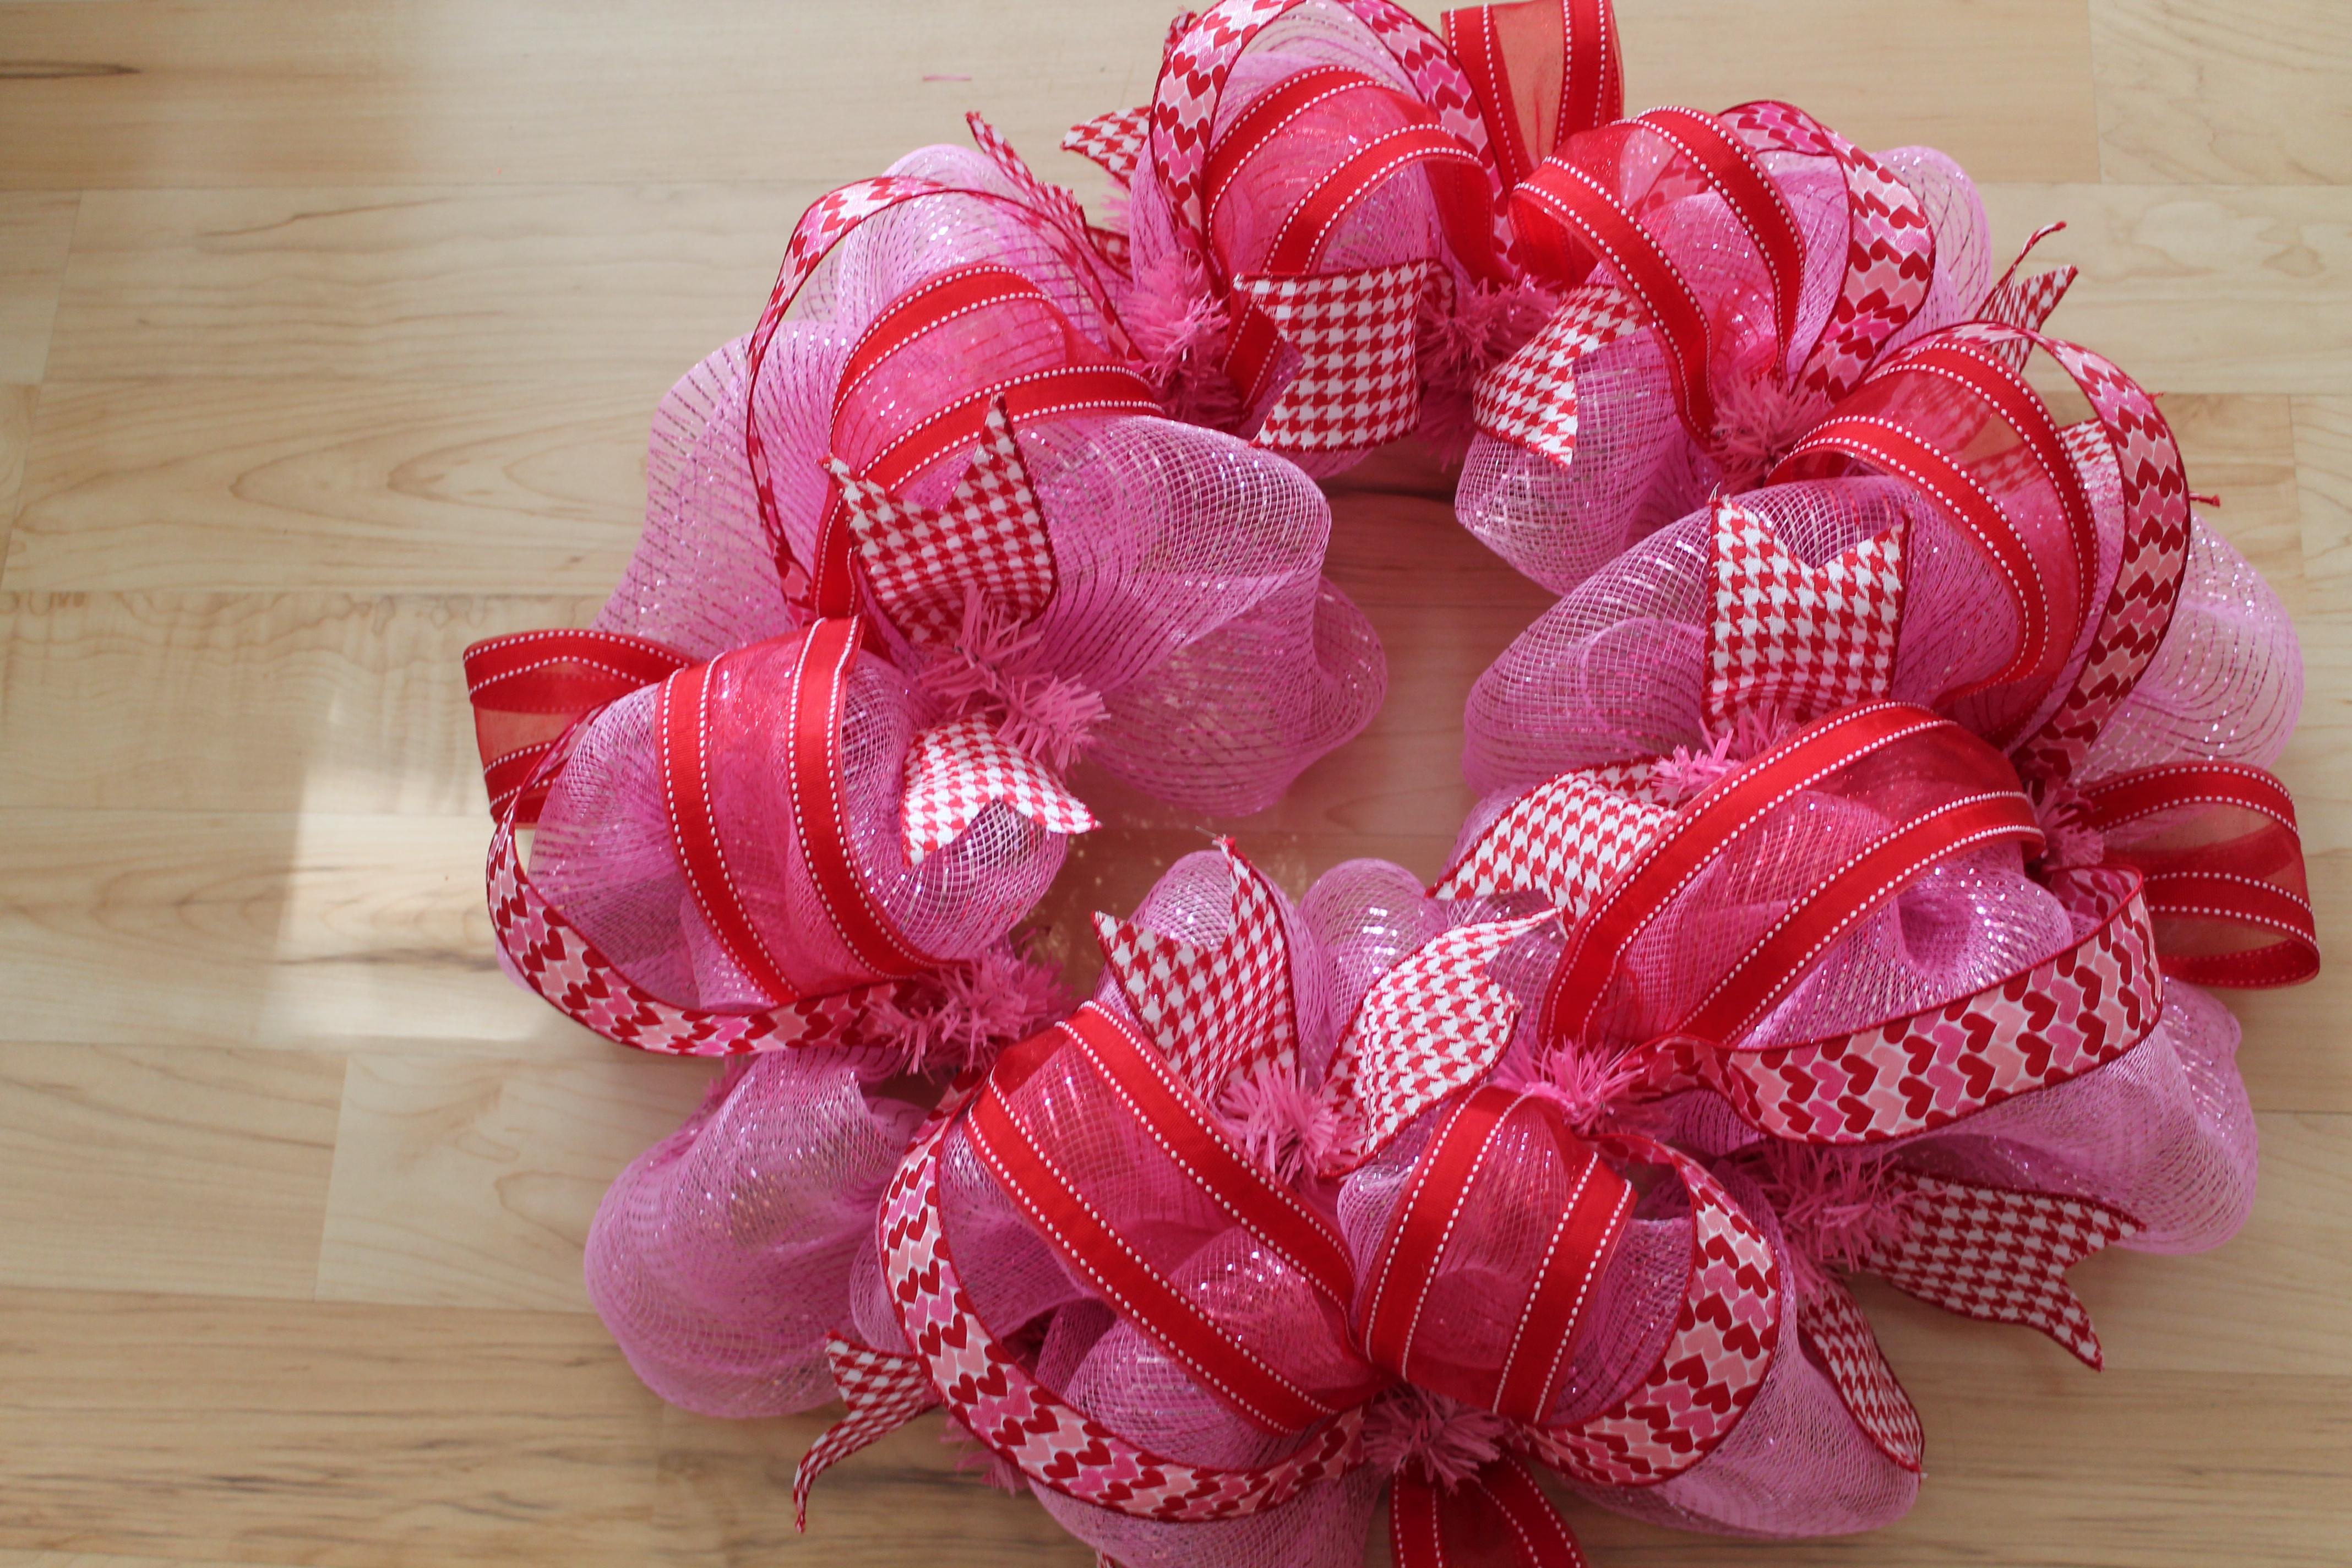 Twist Floral Wire Around The